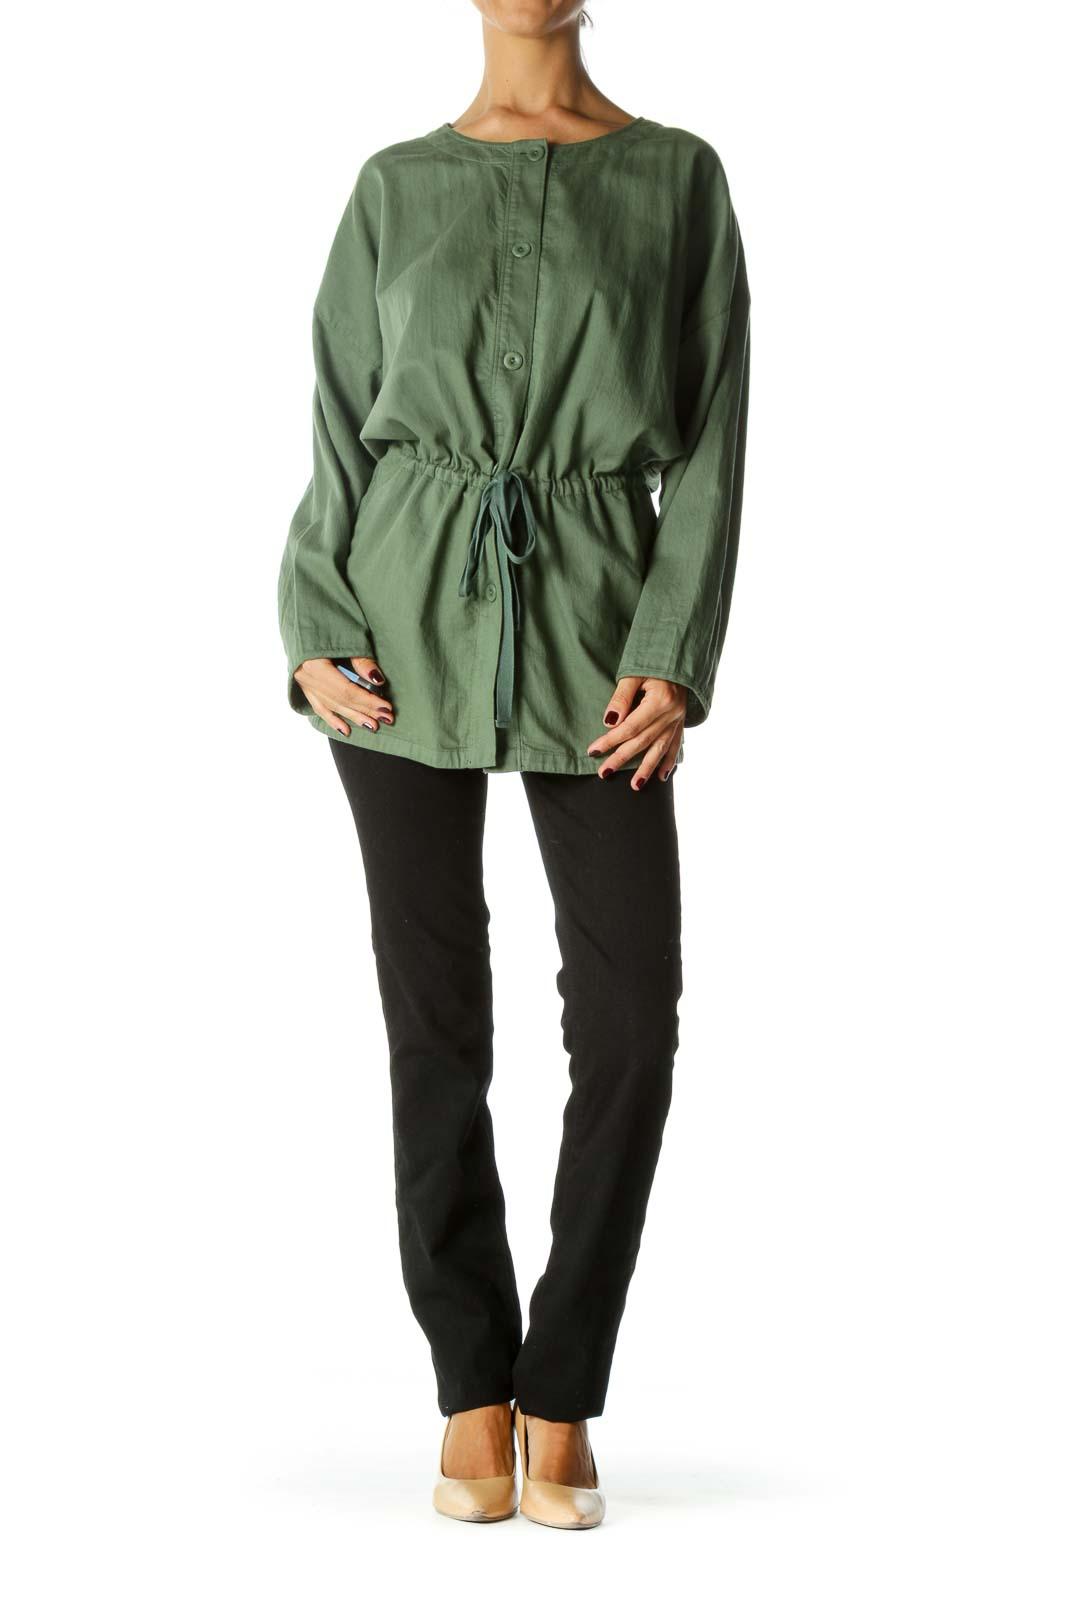 Green Light Weight Round Neck Jacket